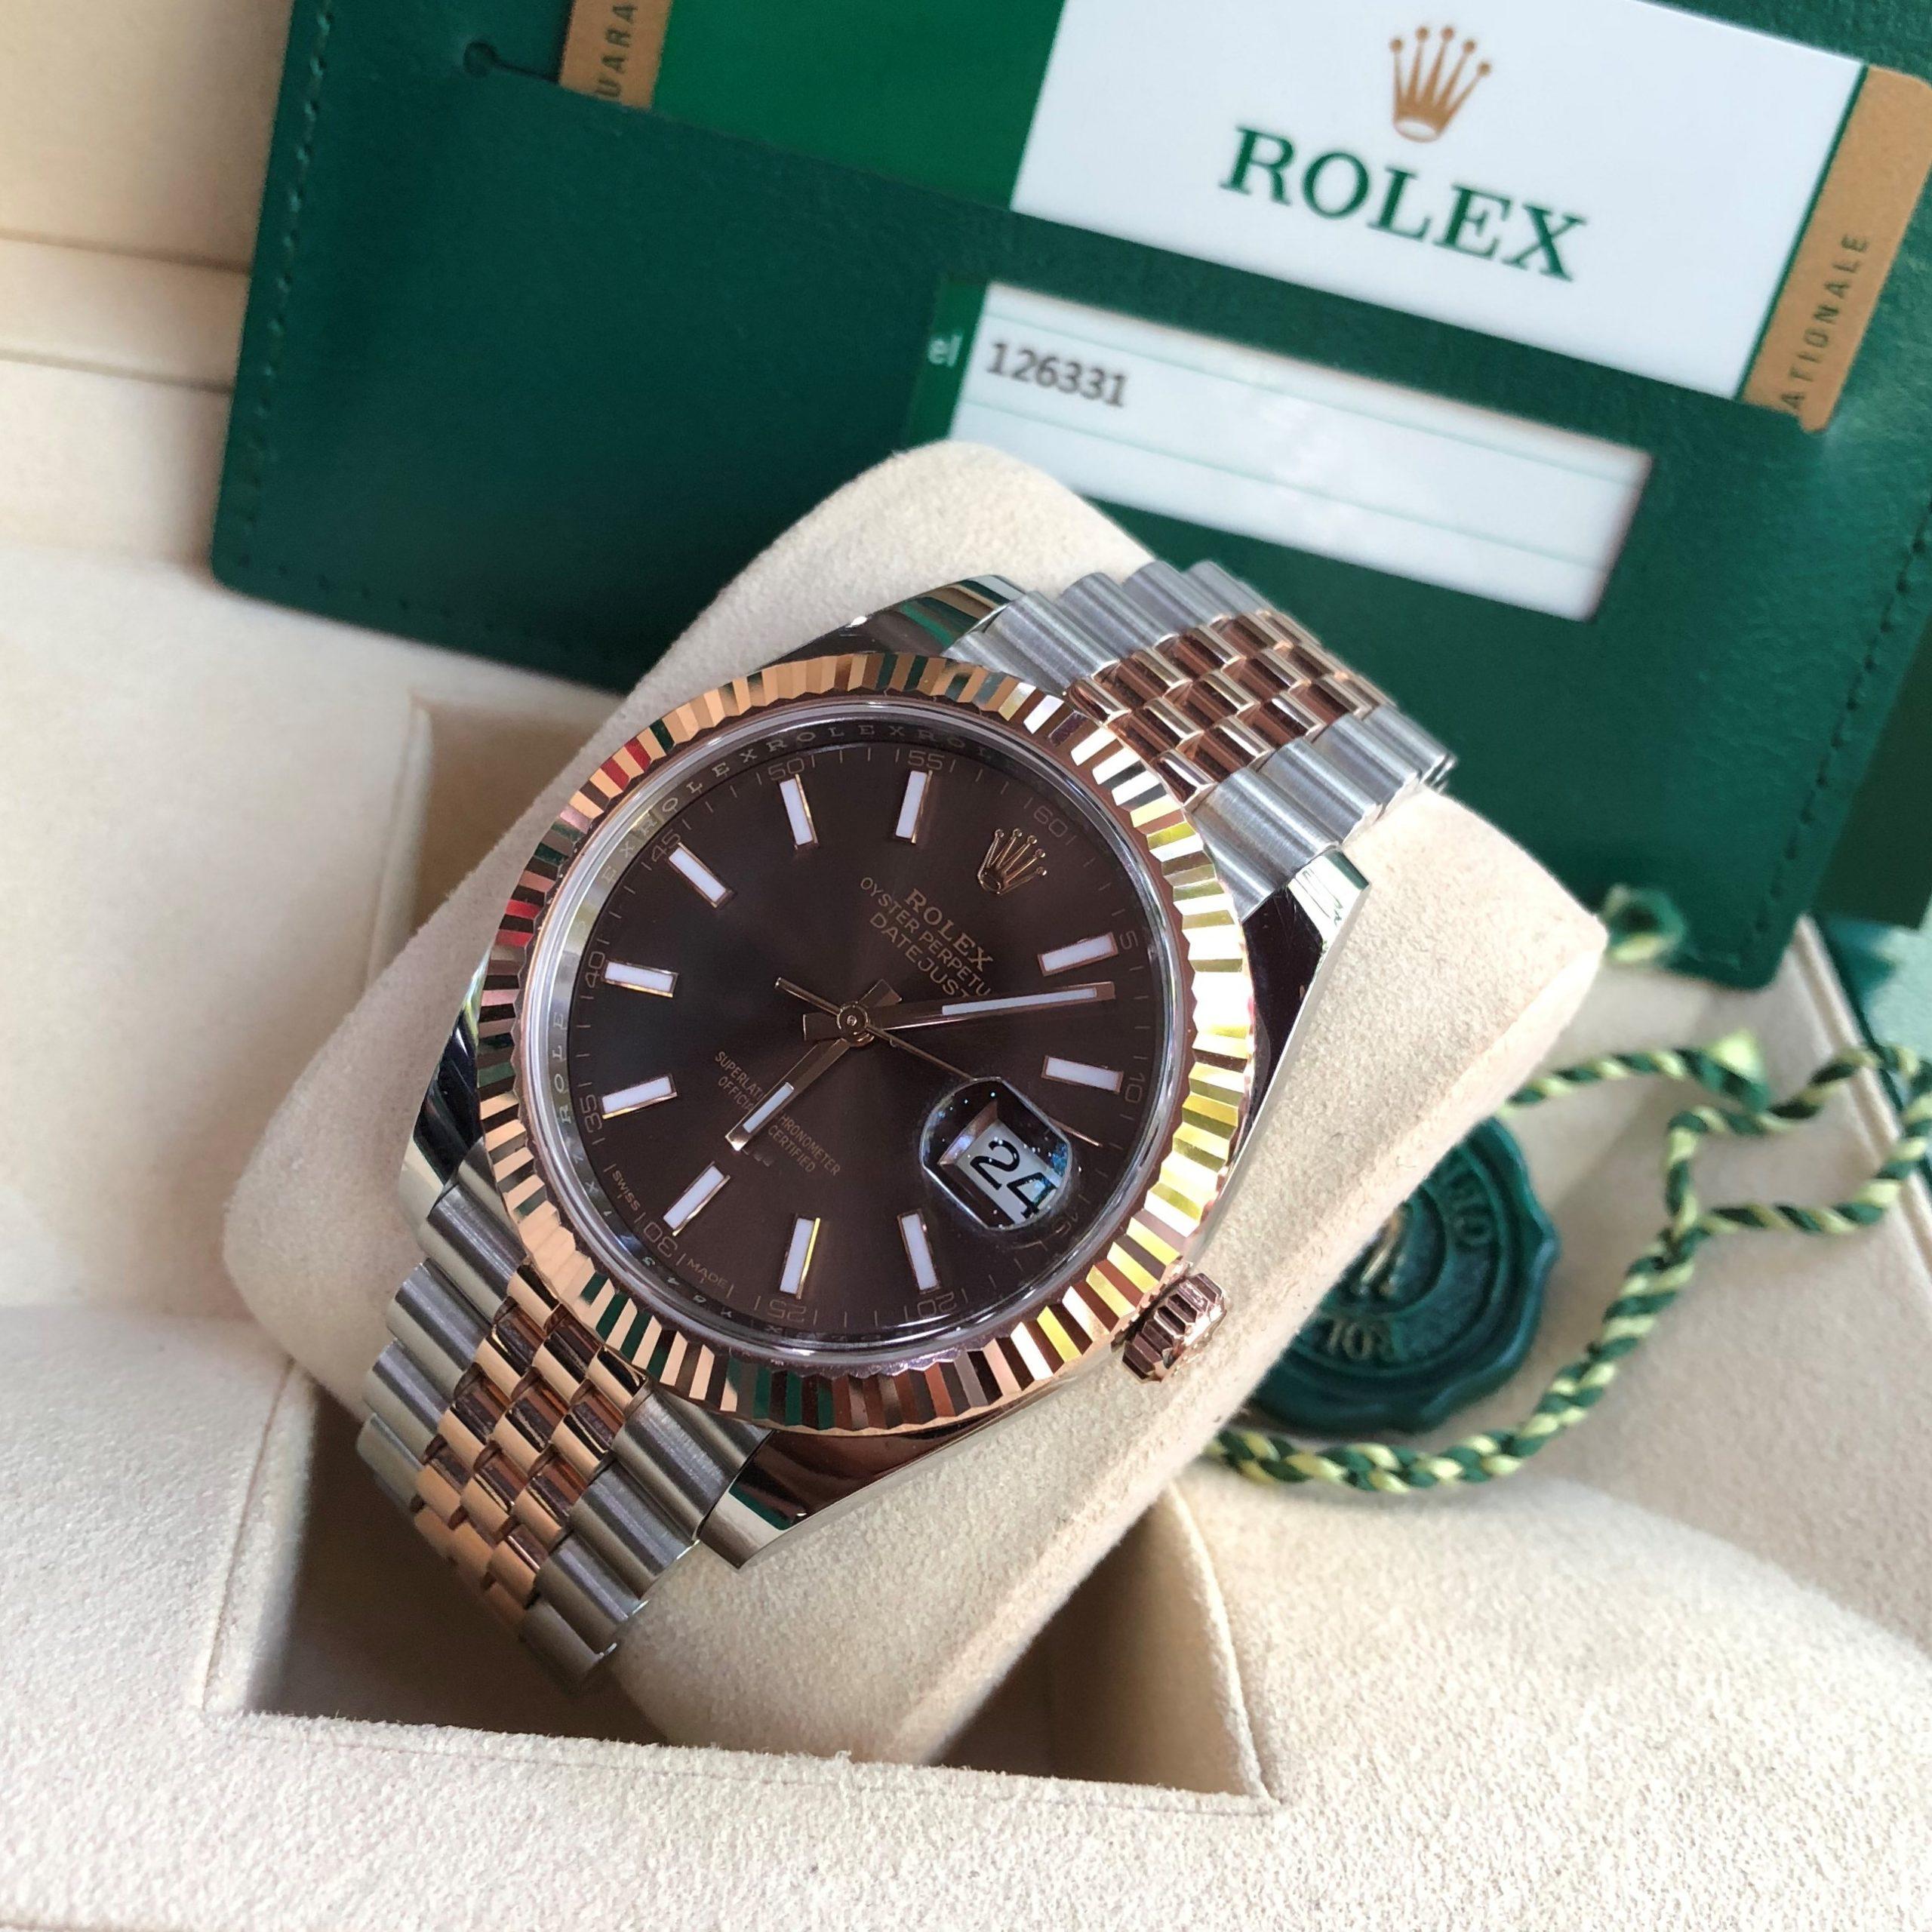 Rolex Datejust 126331 mặt cafe demi vàng hồng Fullbox 2016